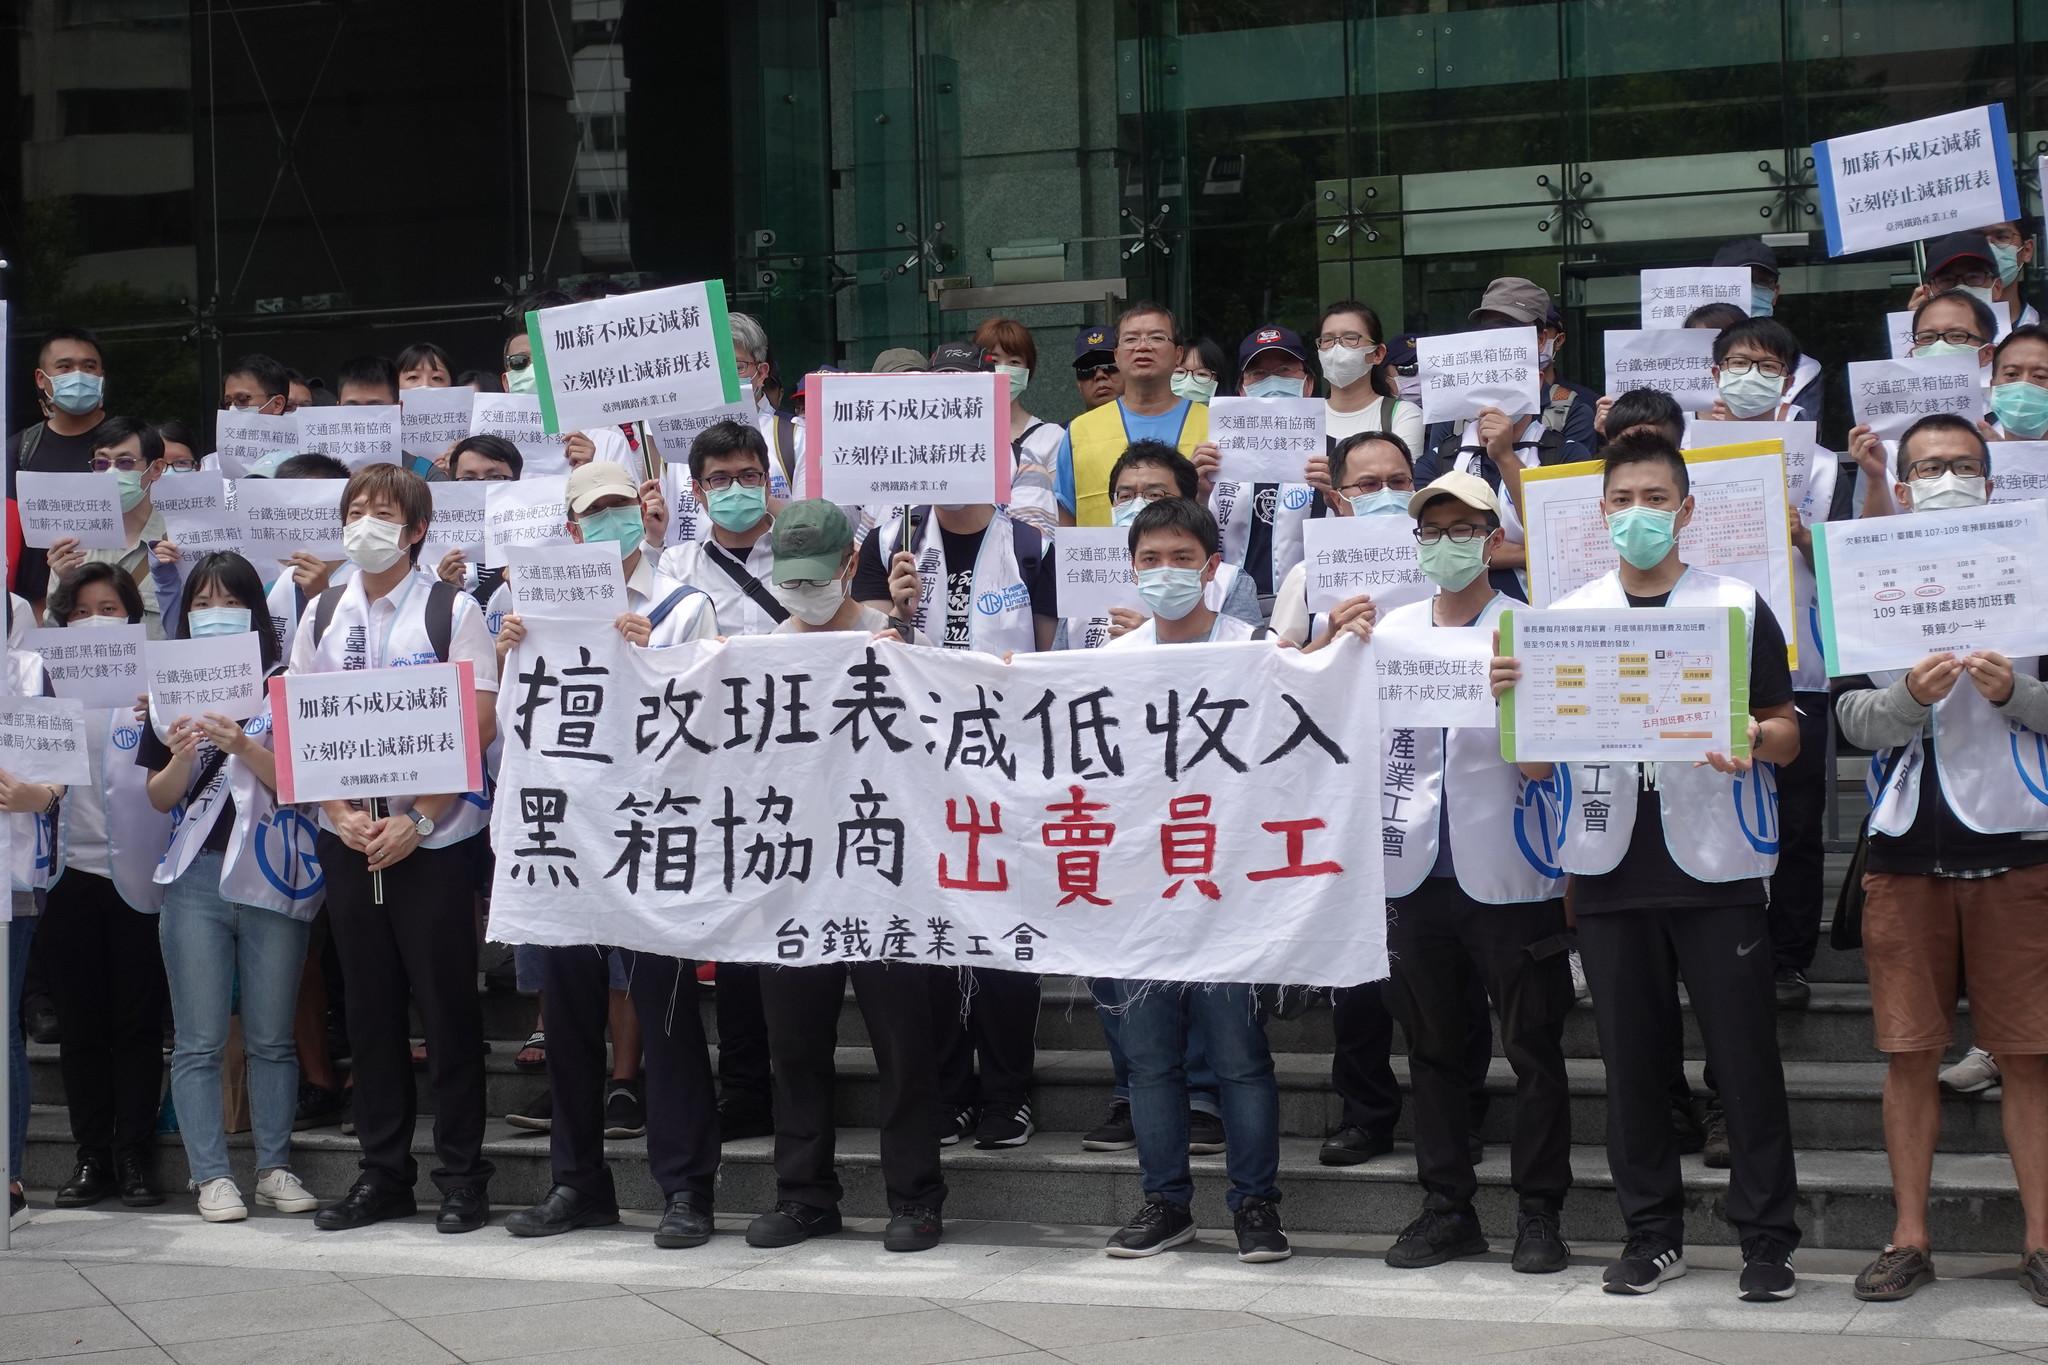 台鐵員工遭欠兩個月的加班費,齊聚在交通部前抗議。(攝影:張智琦)